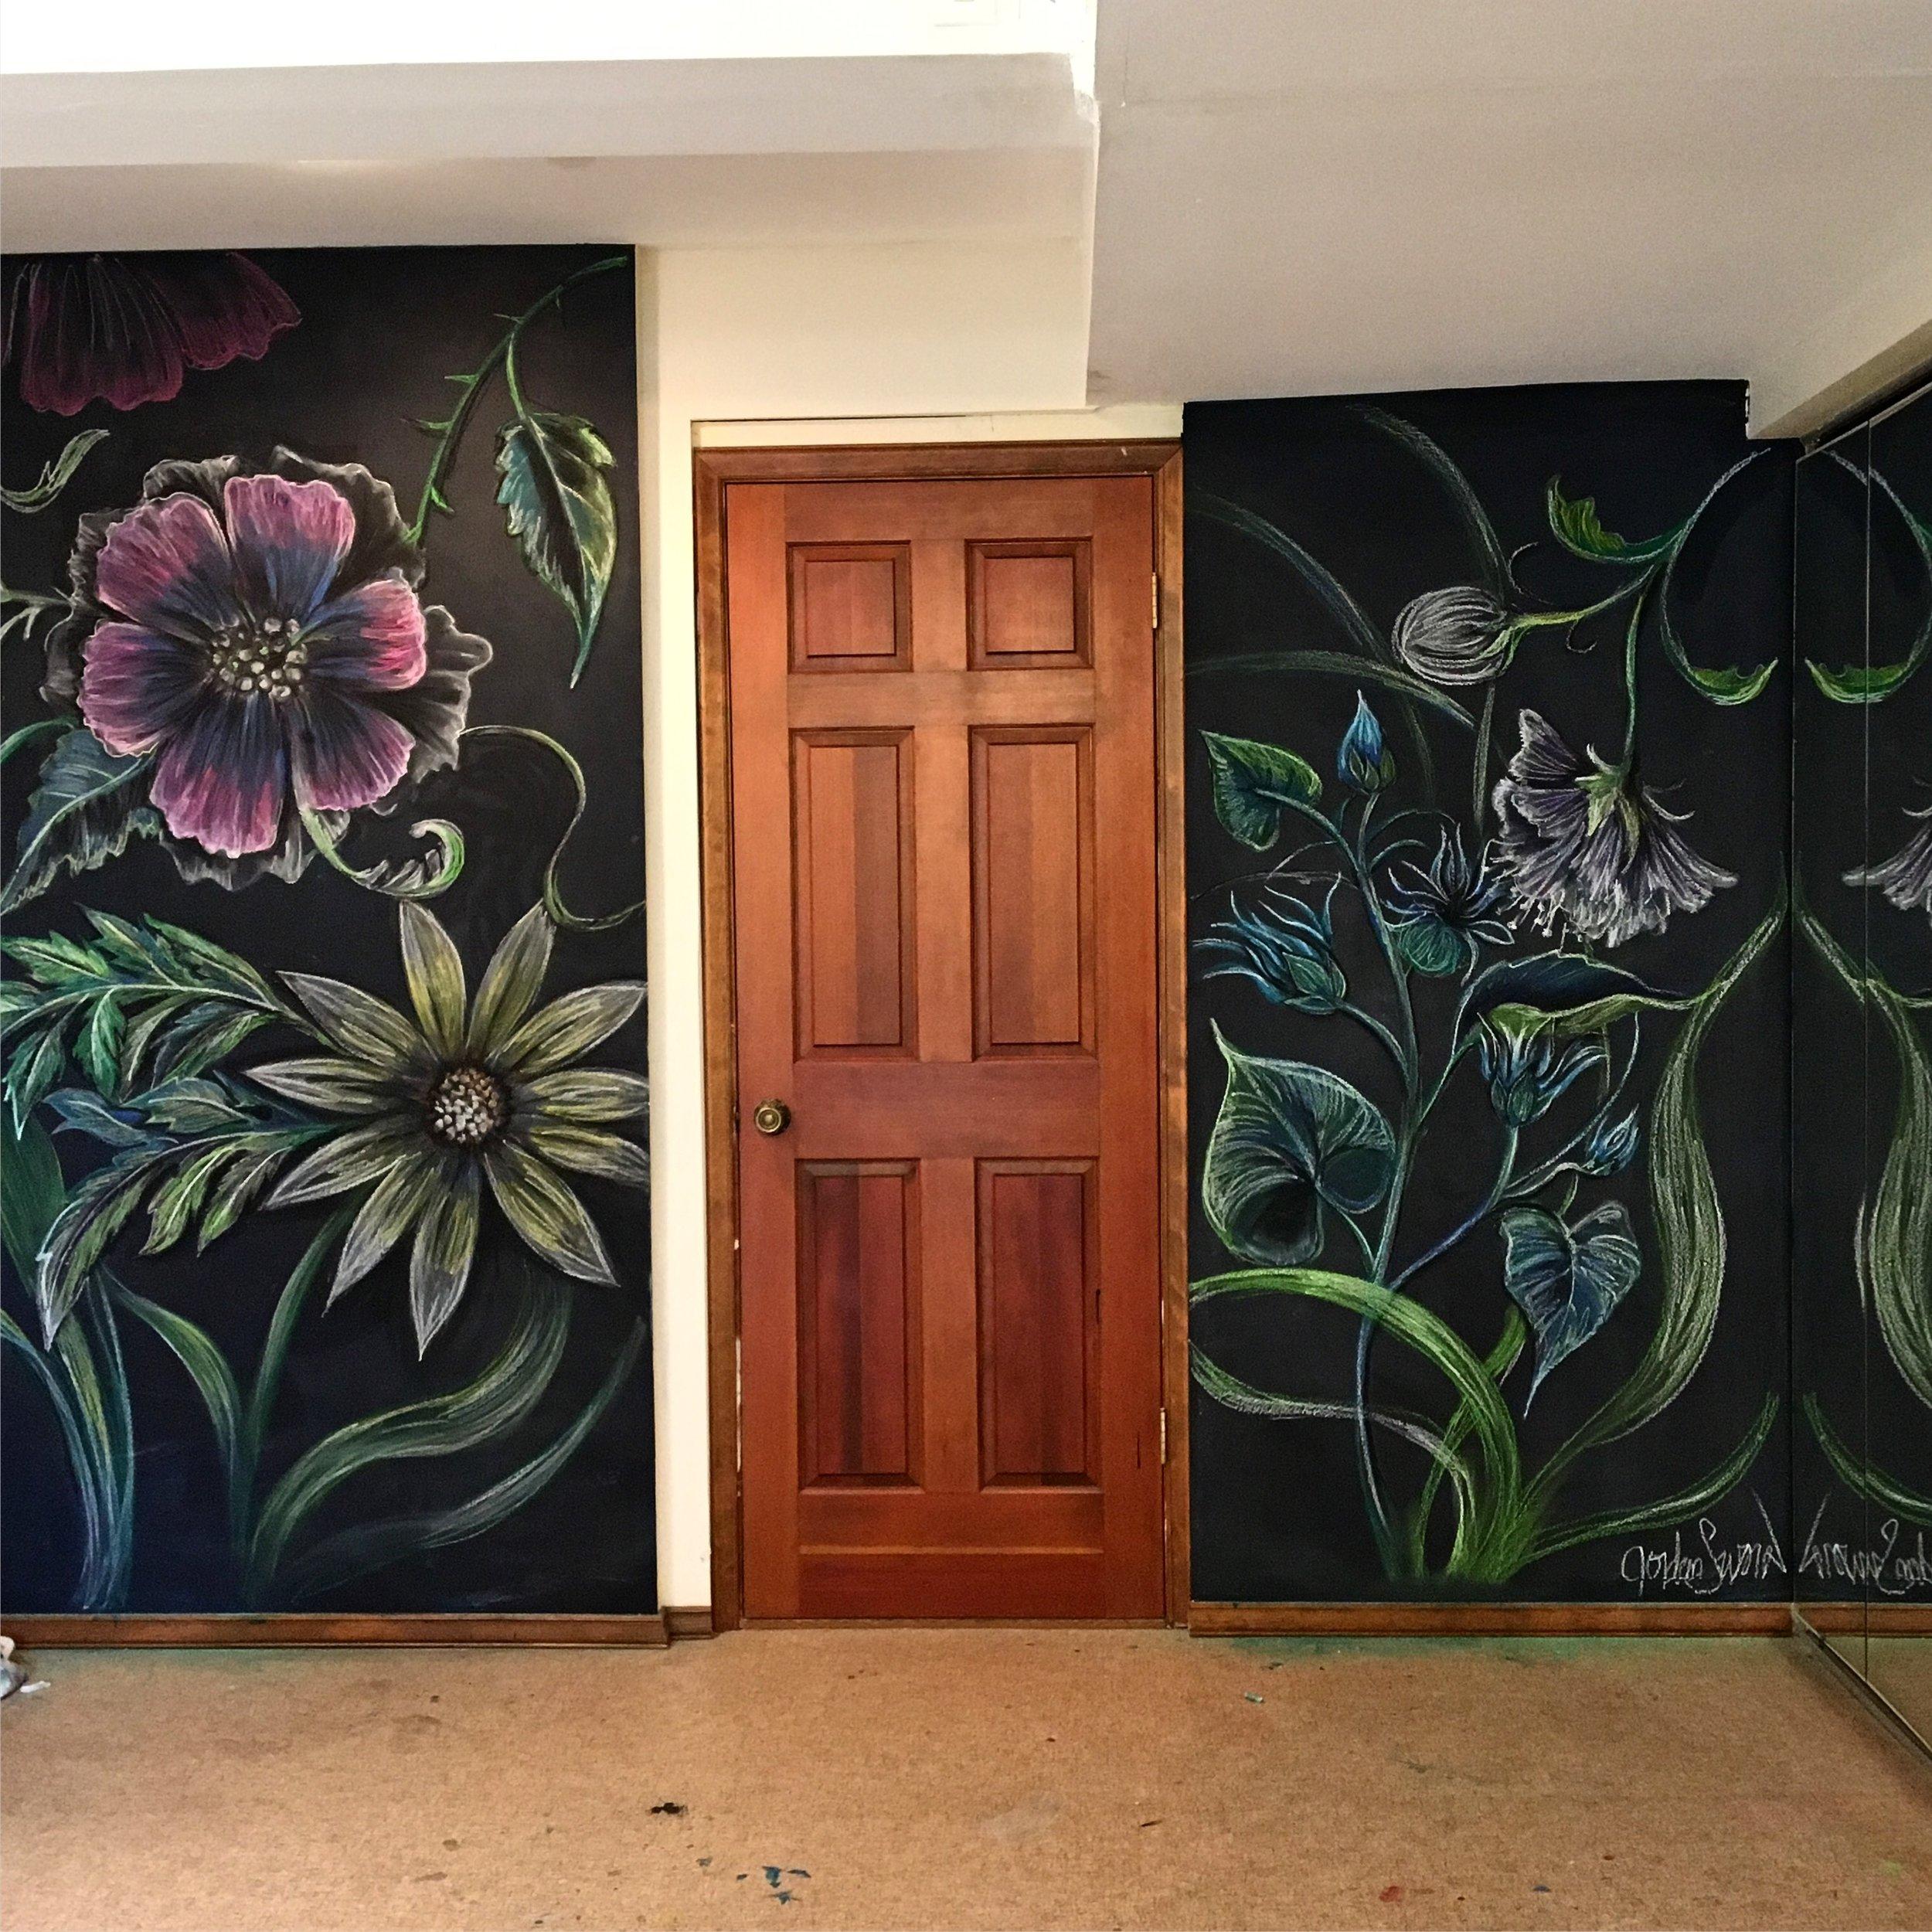 Chalkboard by Jordan Swain